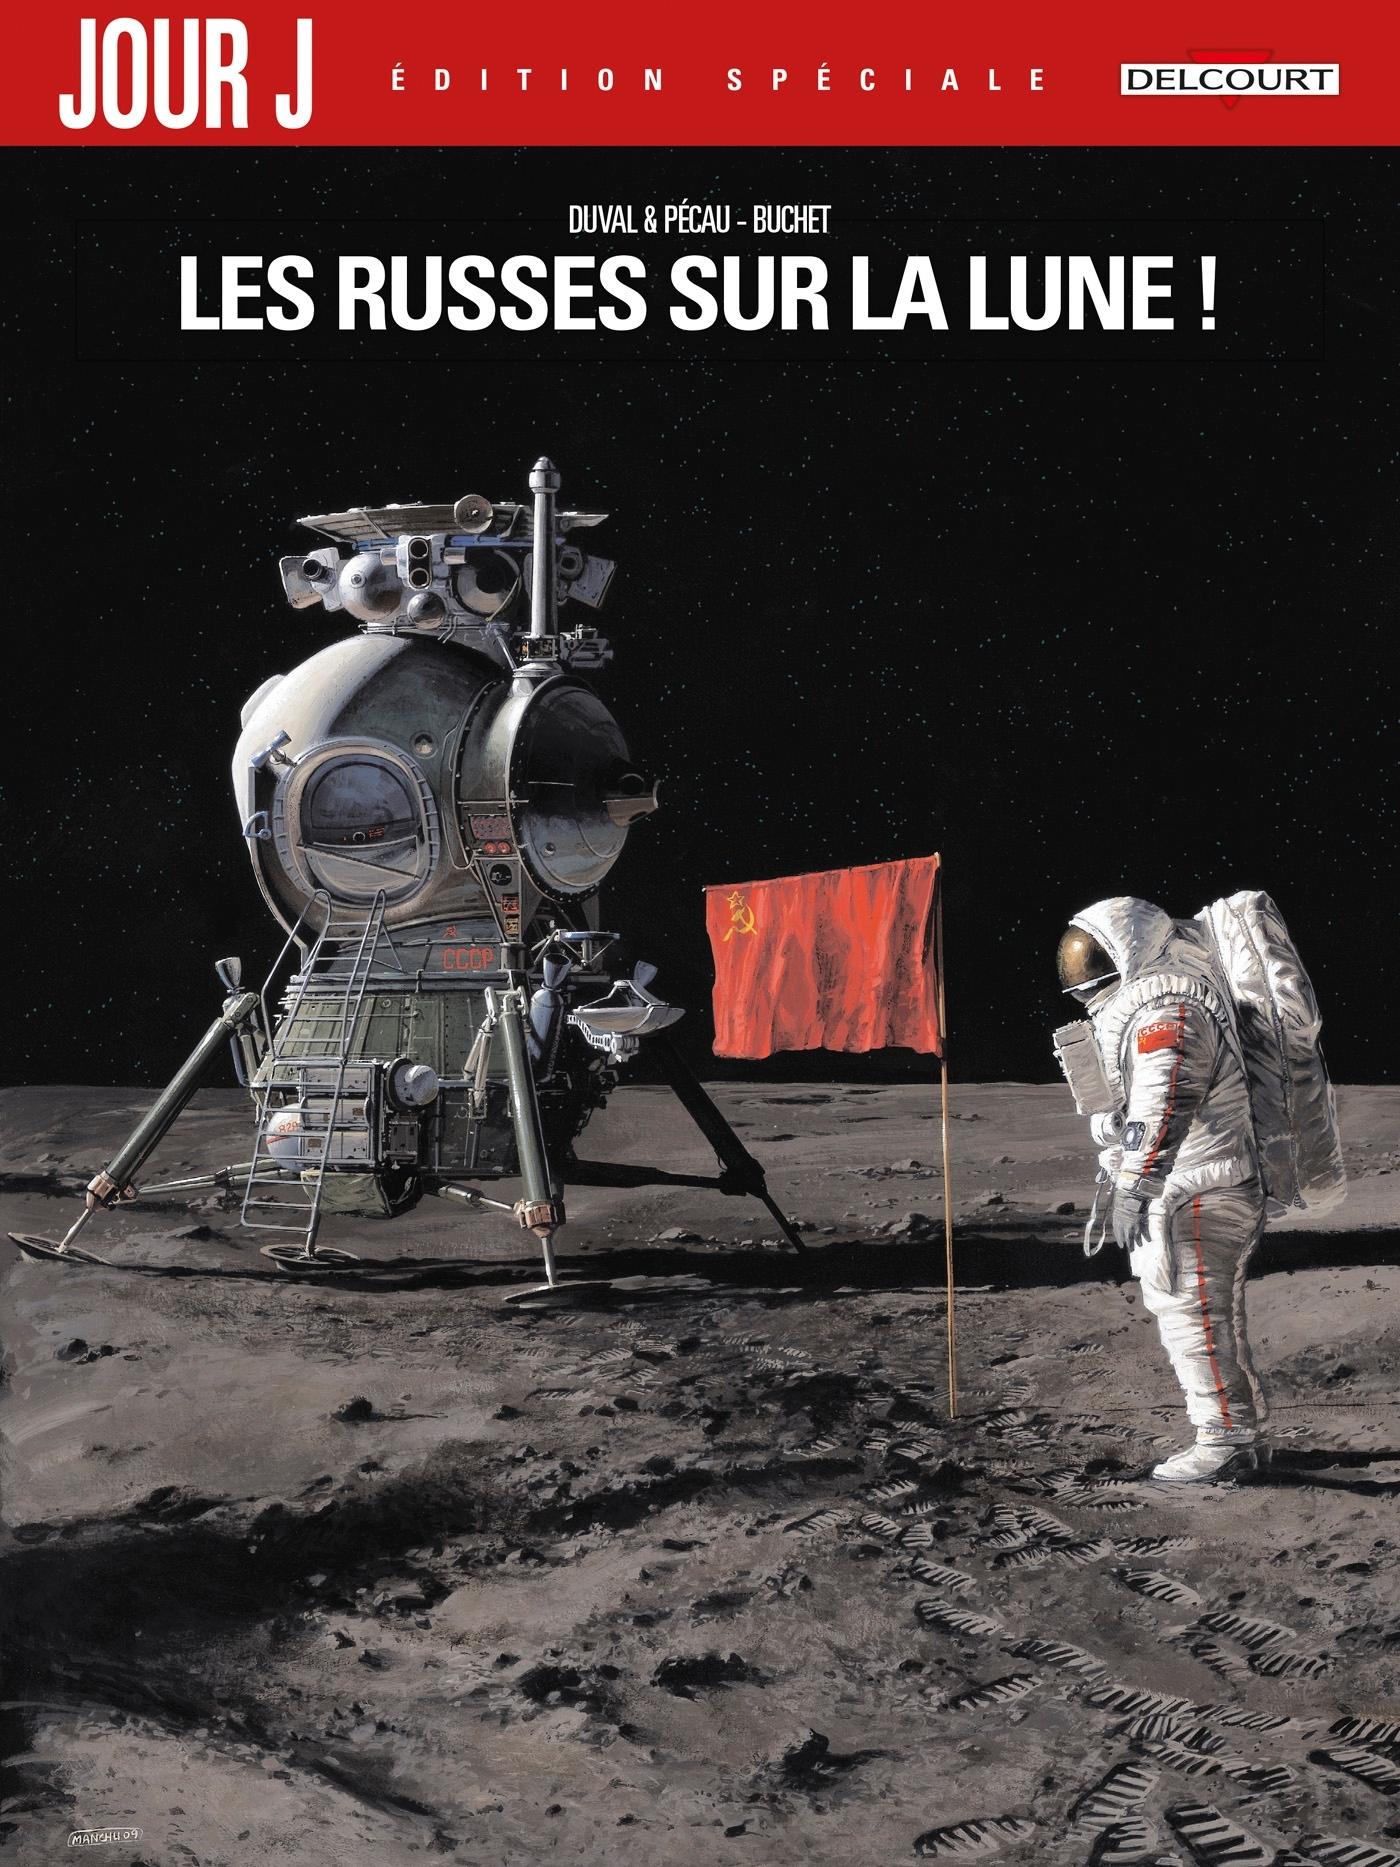 JOUR J - T02 - JOUR J 01. EDITION SPECIALE - LES RUSSES SUR LA LUNE !